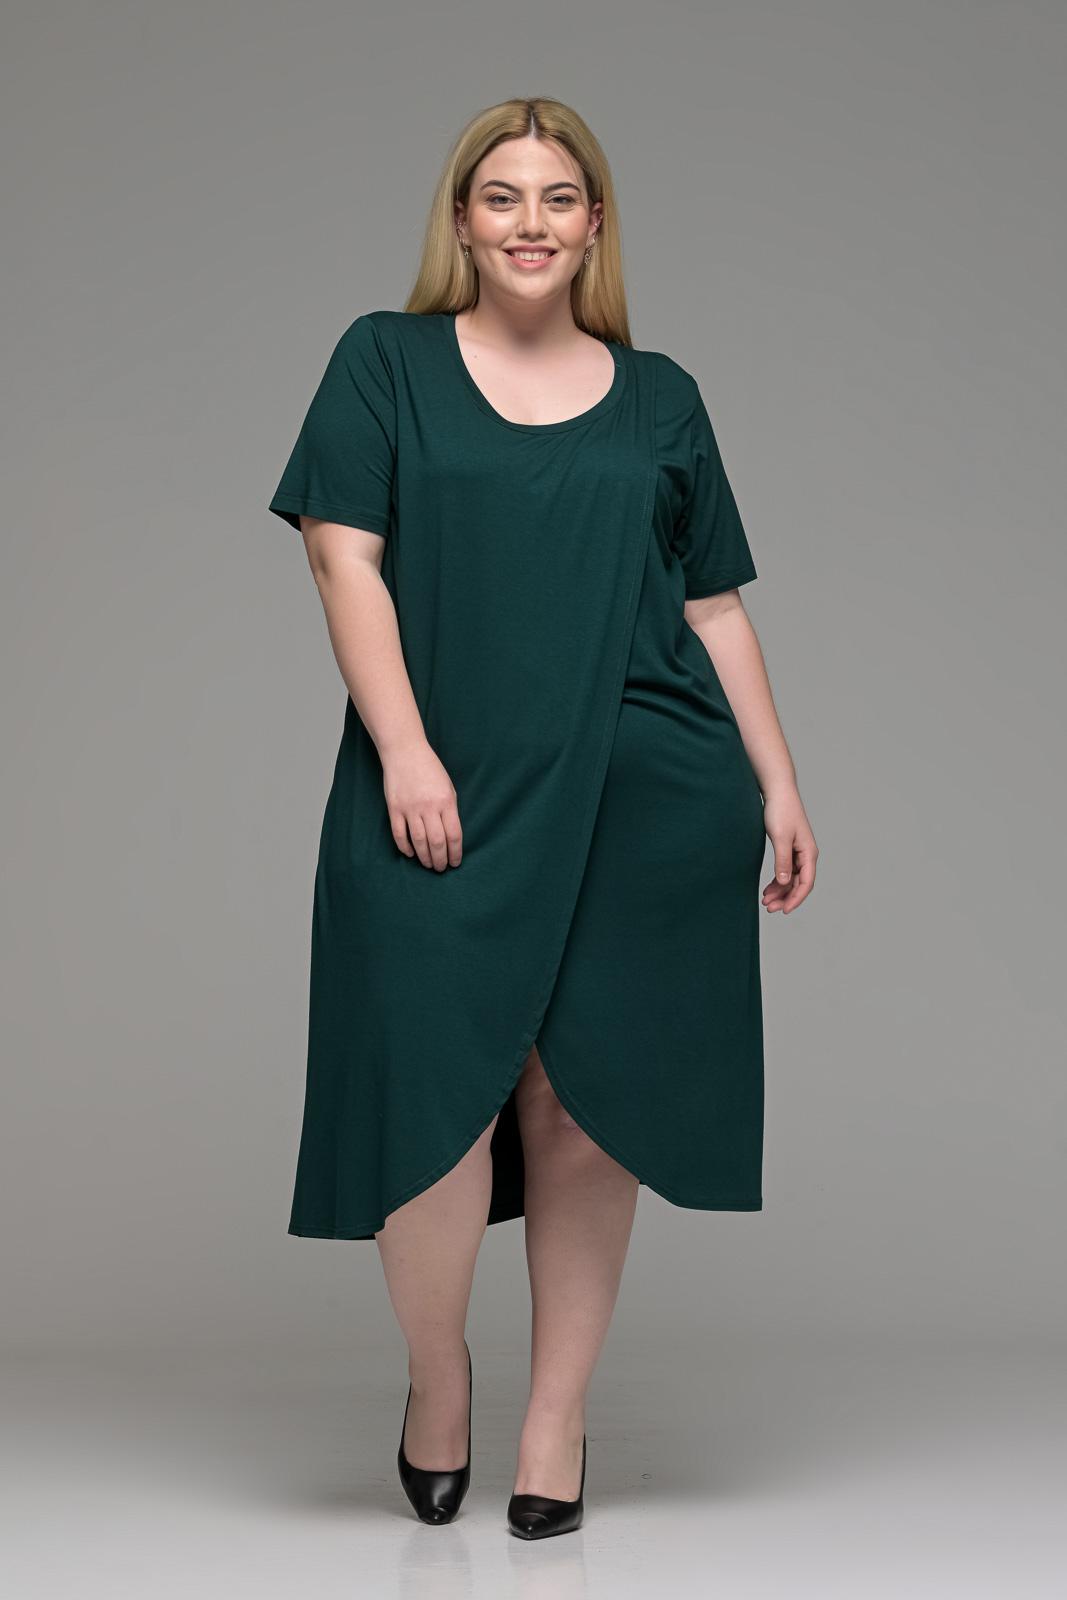 Φόρεμα μεγάλα μεγέθη φάκελος βισκόζ κυπαρισσί σε γραμμή Α